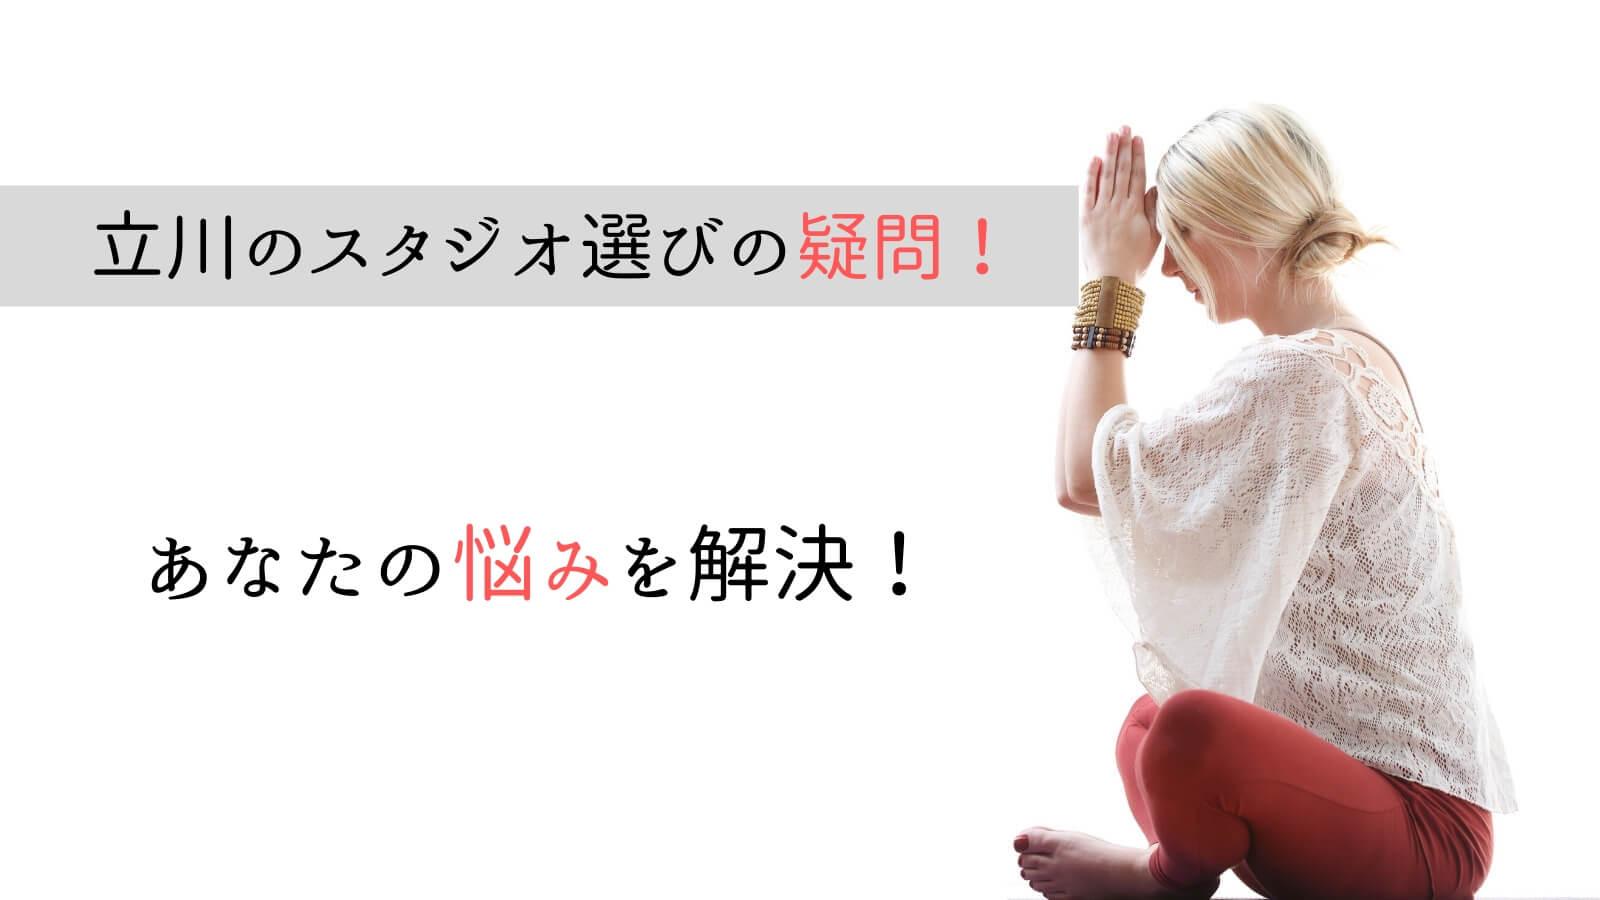 立川でのヨガ・ピラティススタジオ選びに関するQ&A